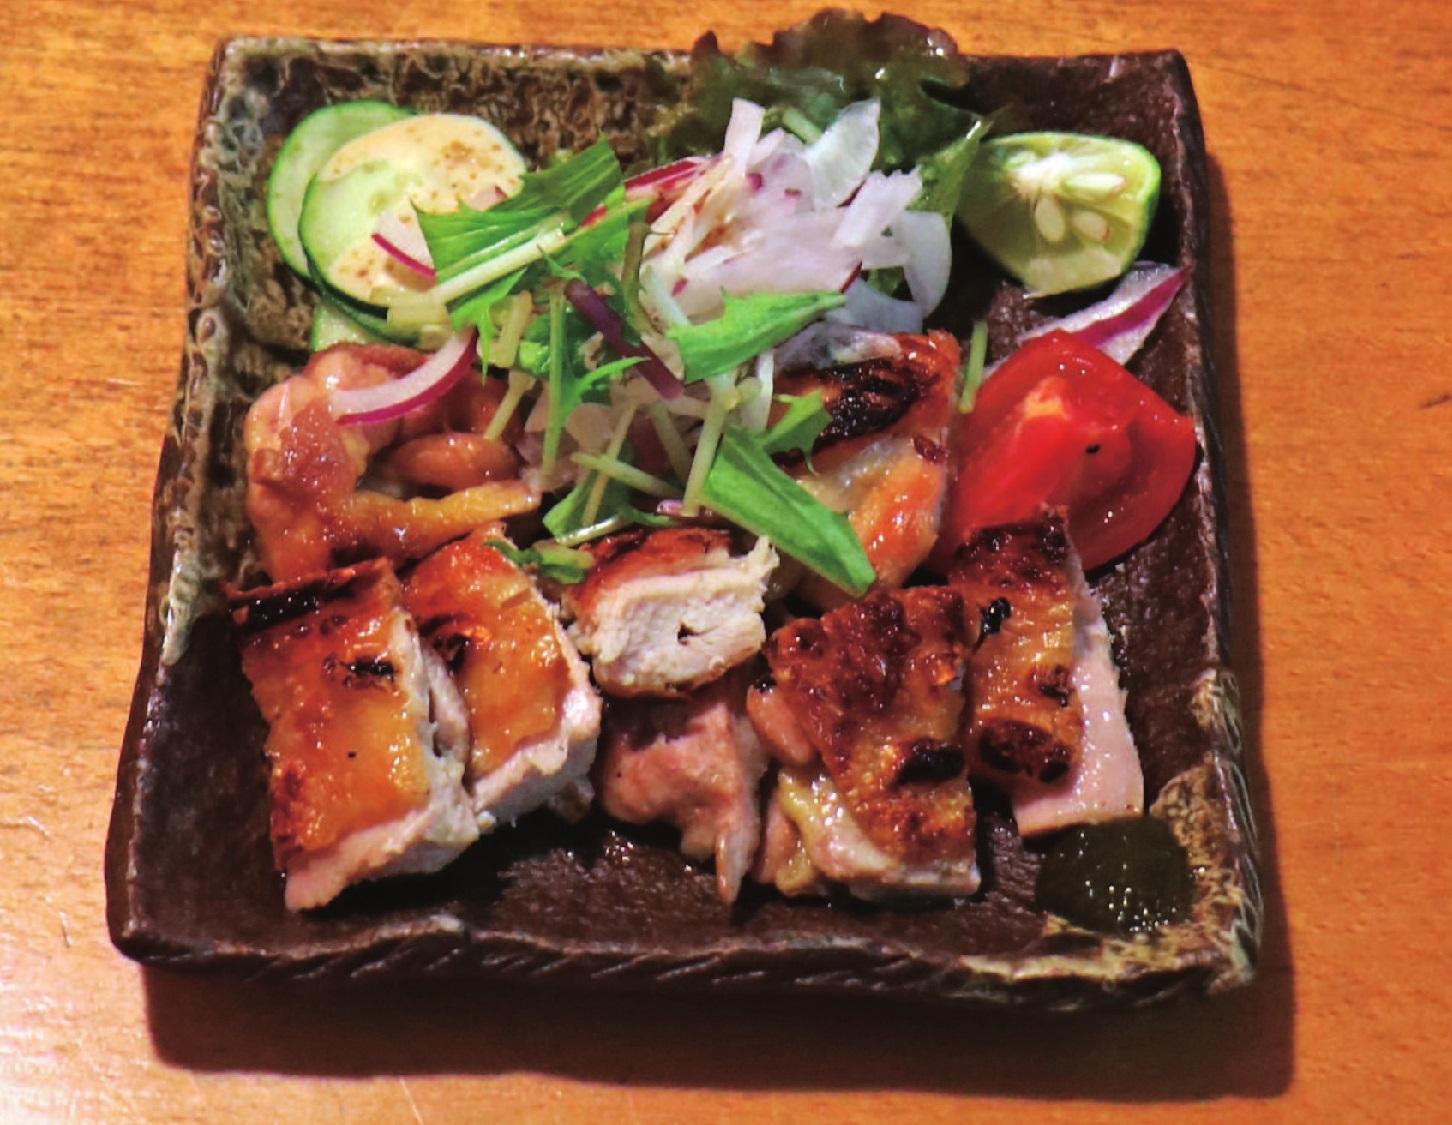 《阿波おどりガイド2019/阿波尾鶏が食べられるお店》徳島駅周辺で阿波尾鶏が食べられる店ガイド31選